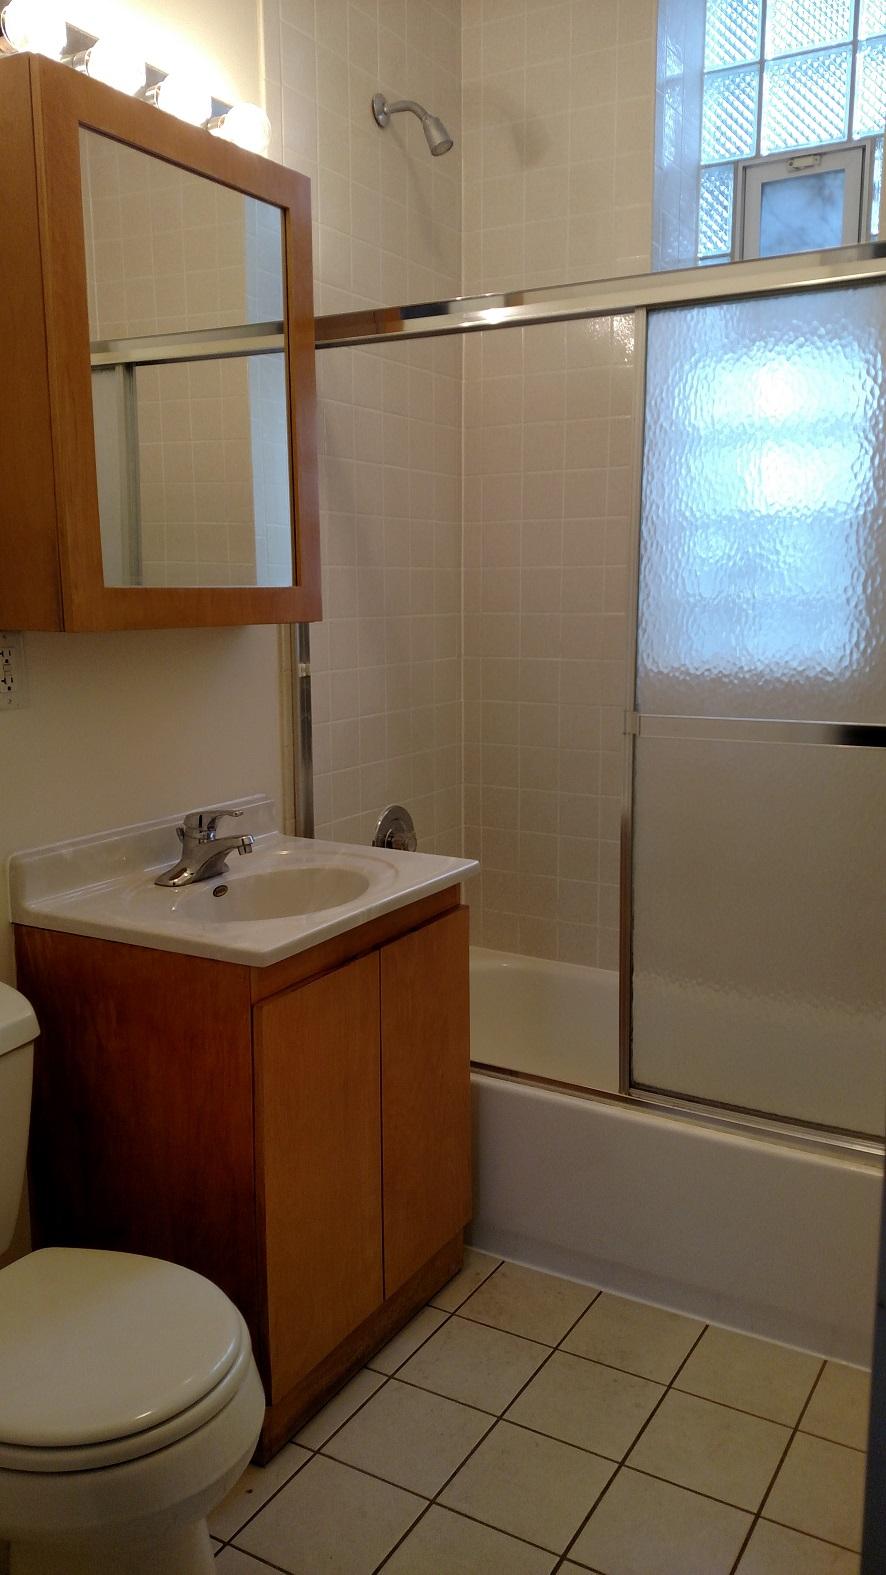 #1R bath - new floor tile and vanity top.jpg